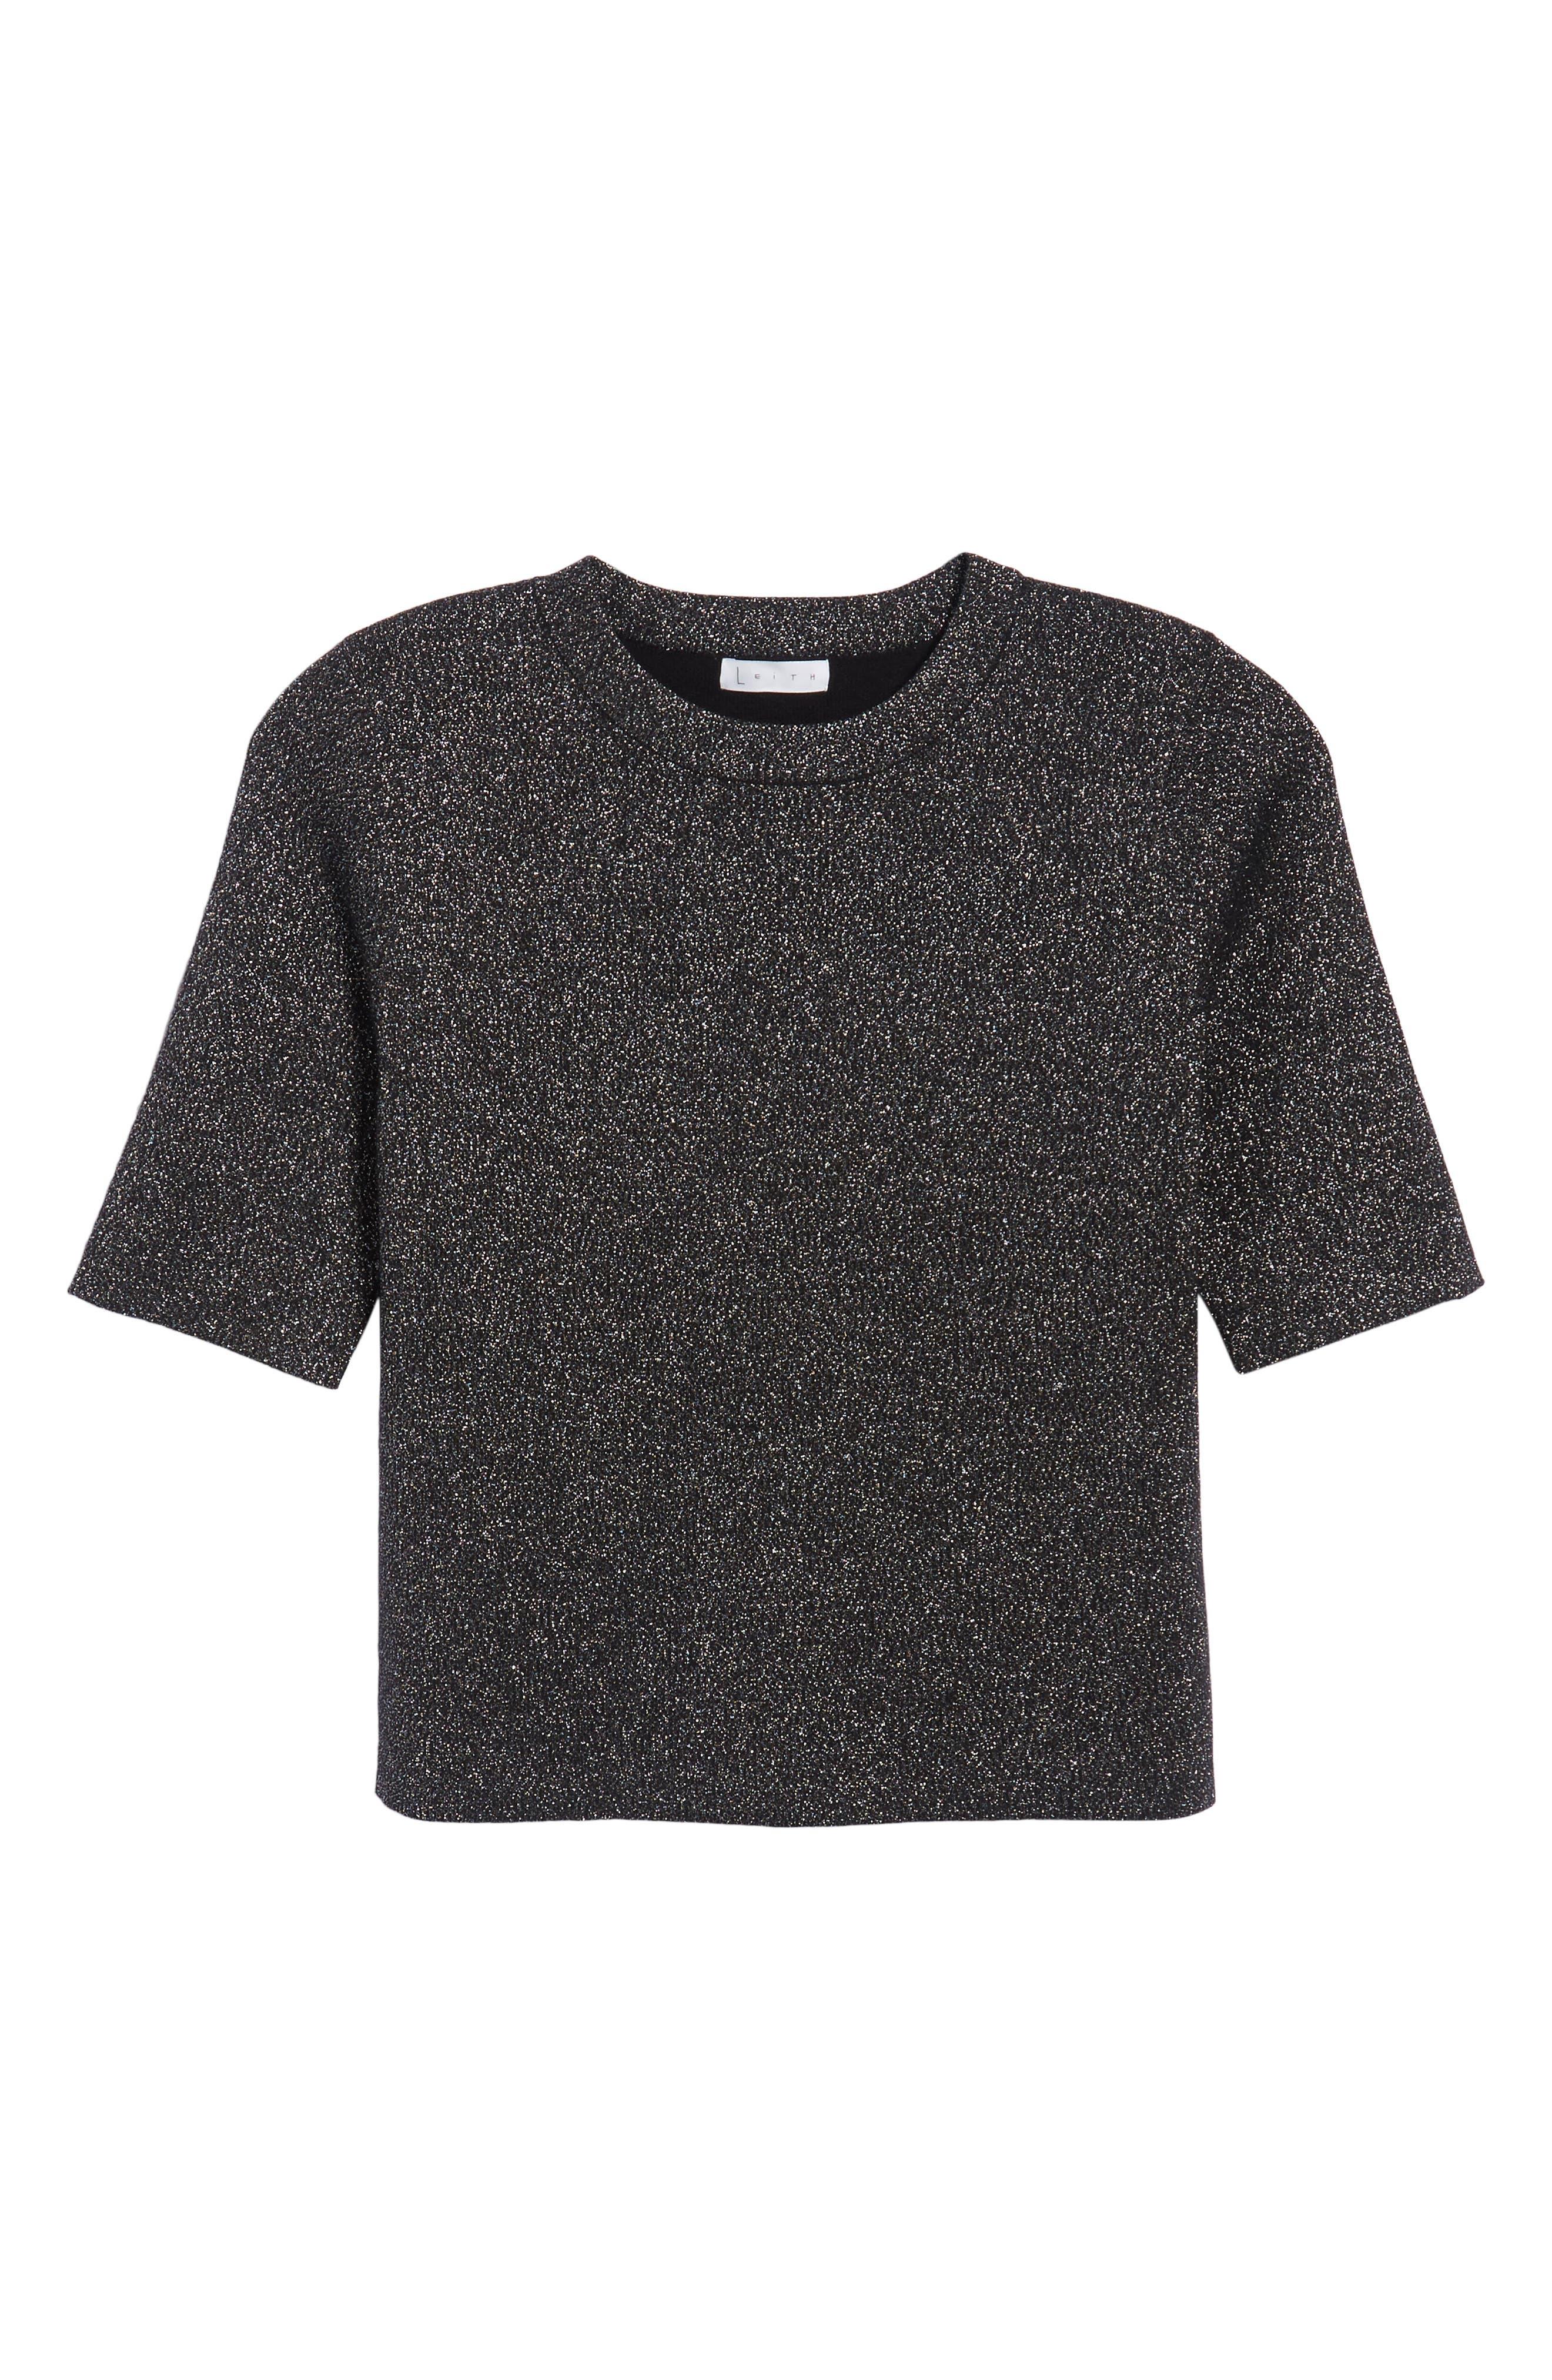 Crop Metallic Sweater,                             Alternate thumbnail 7, color,                             Black Metallic